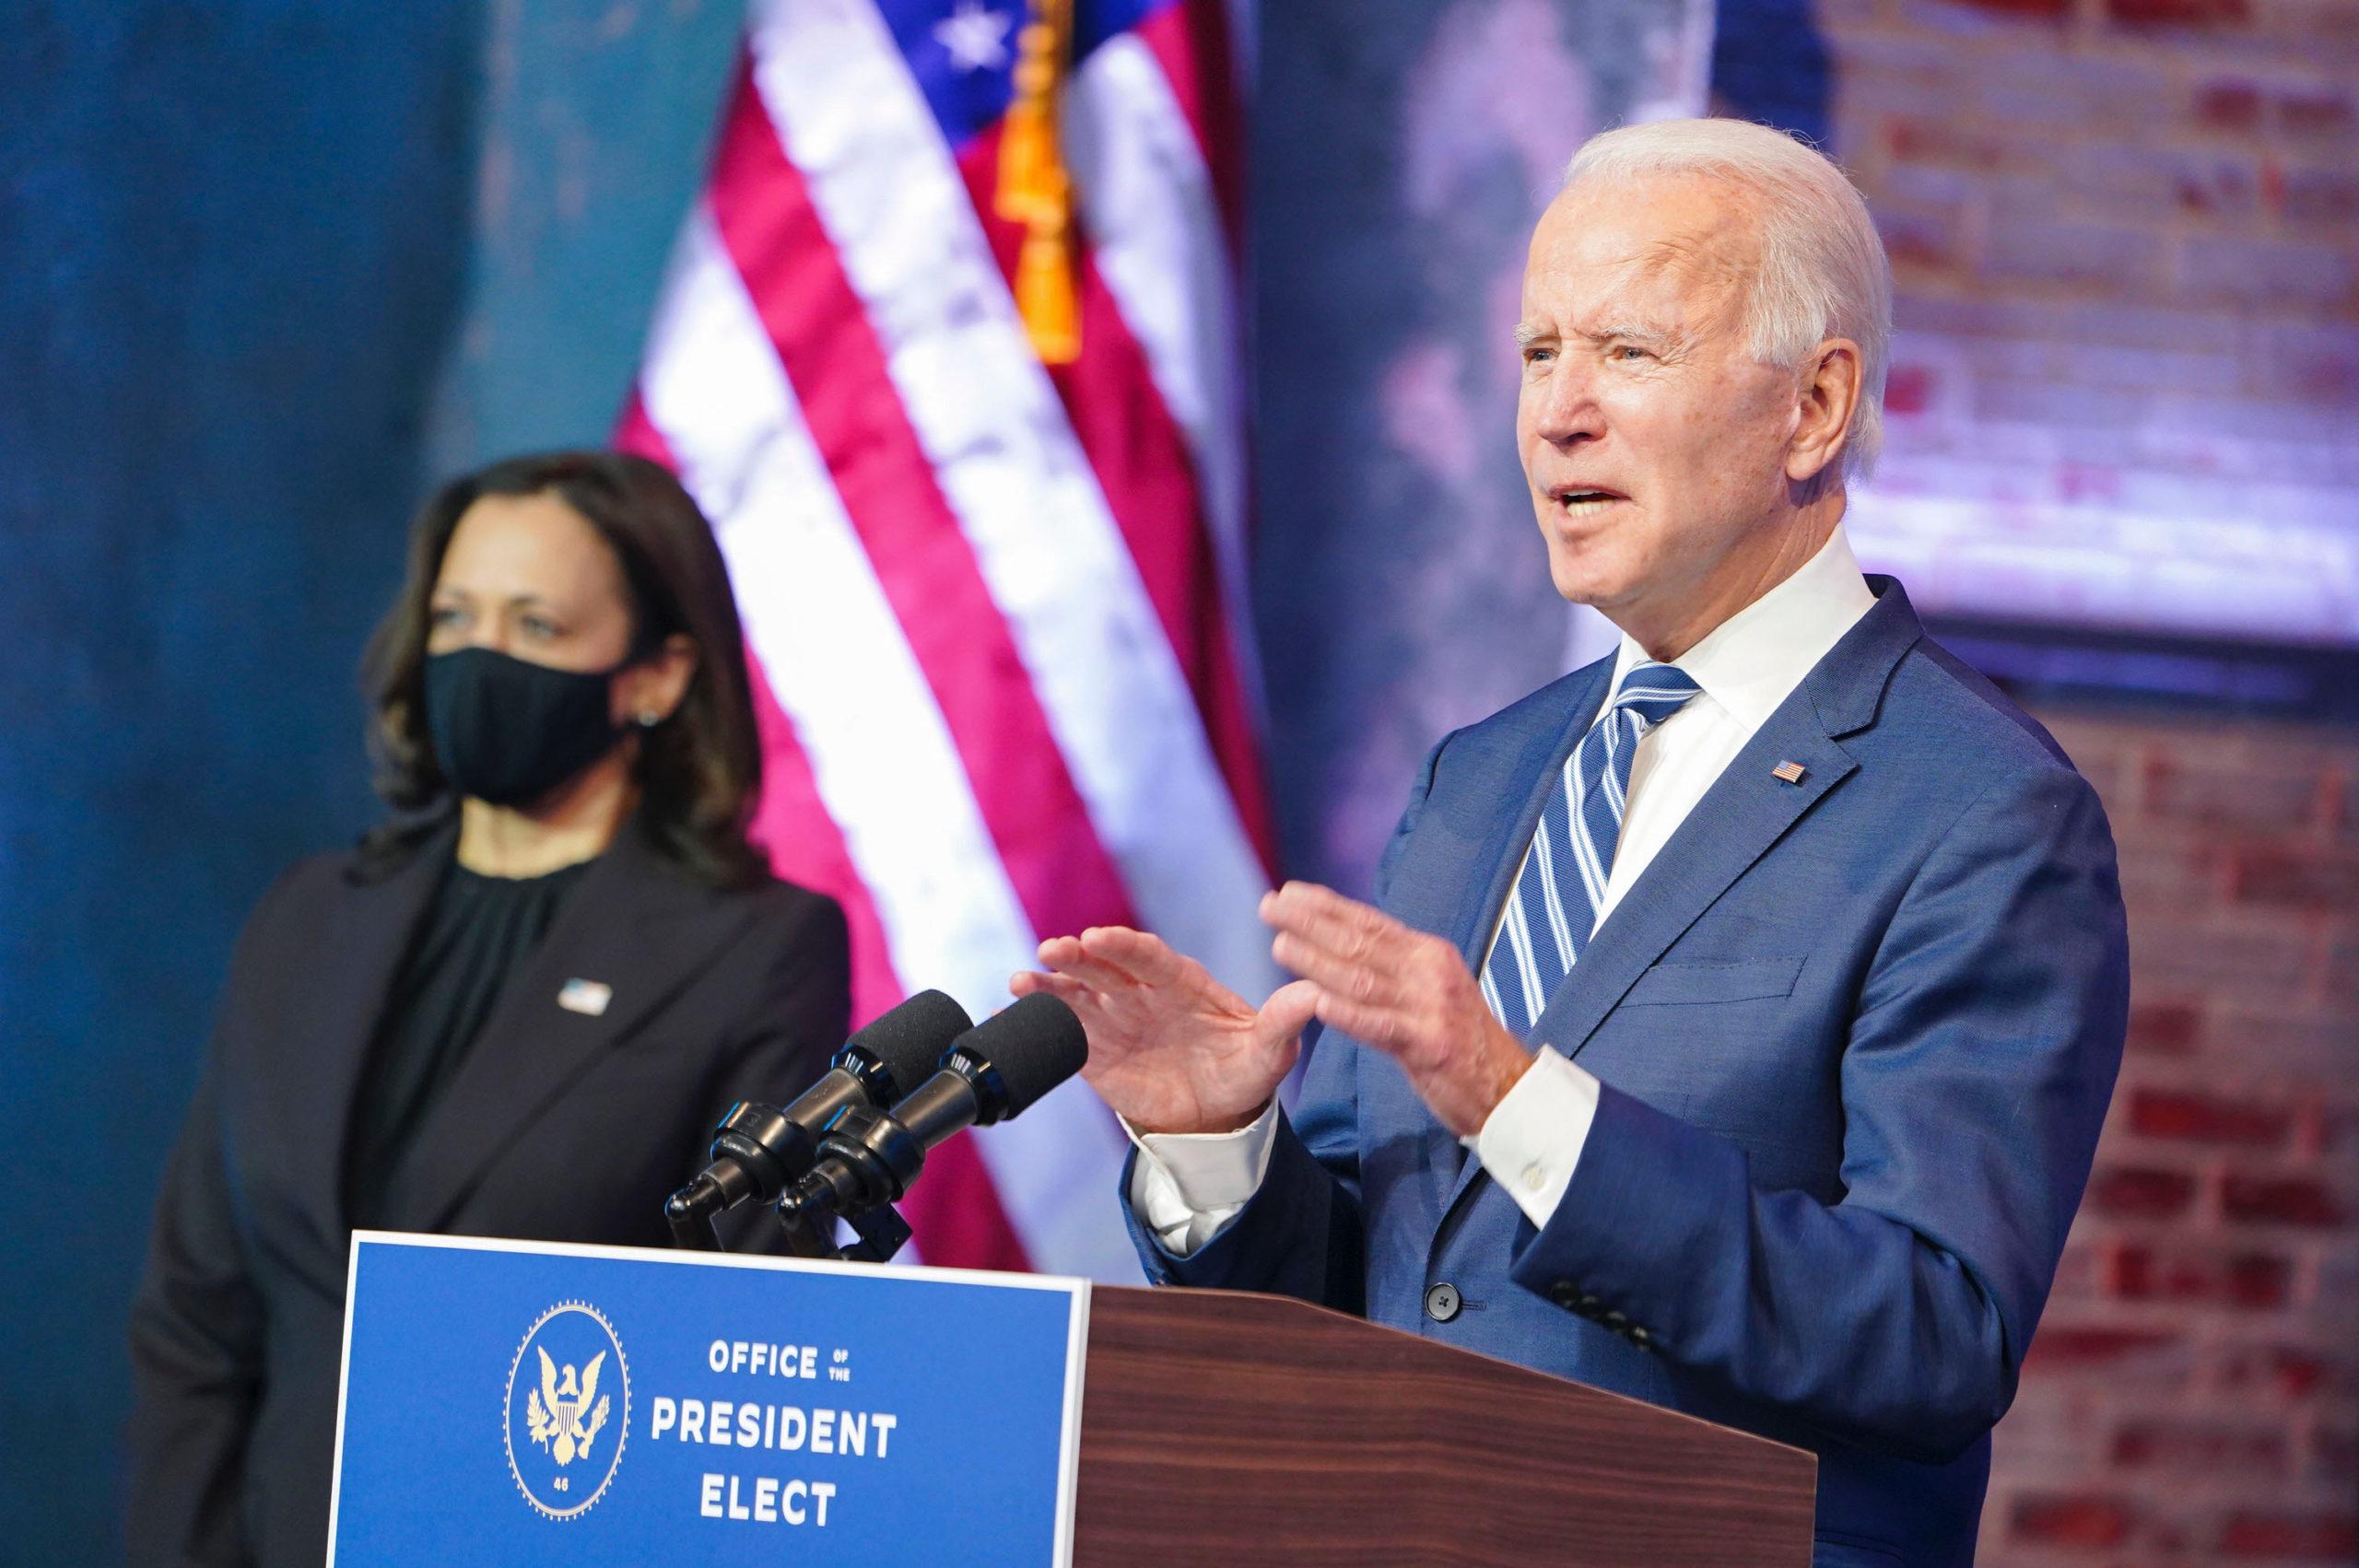 Arizona y Wisconsin certifican victoria de Biden en elecciones, restándole opciones de Trump